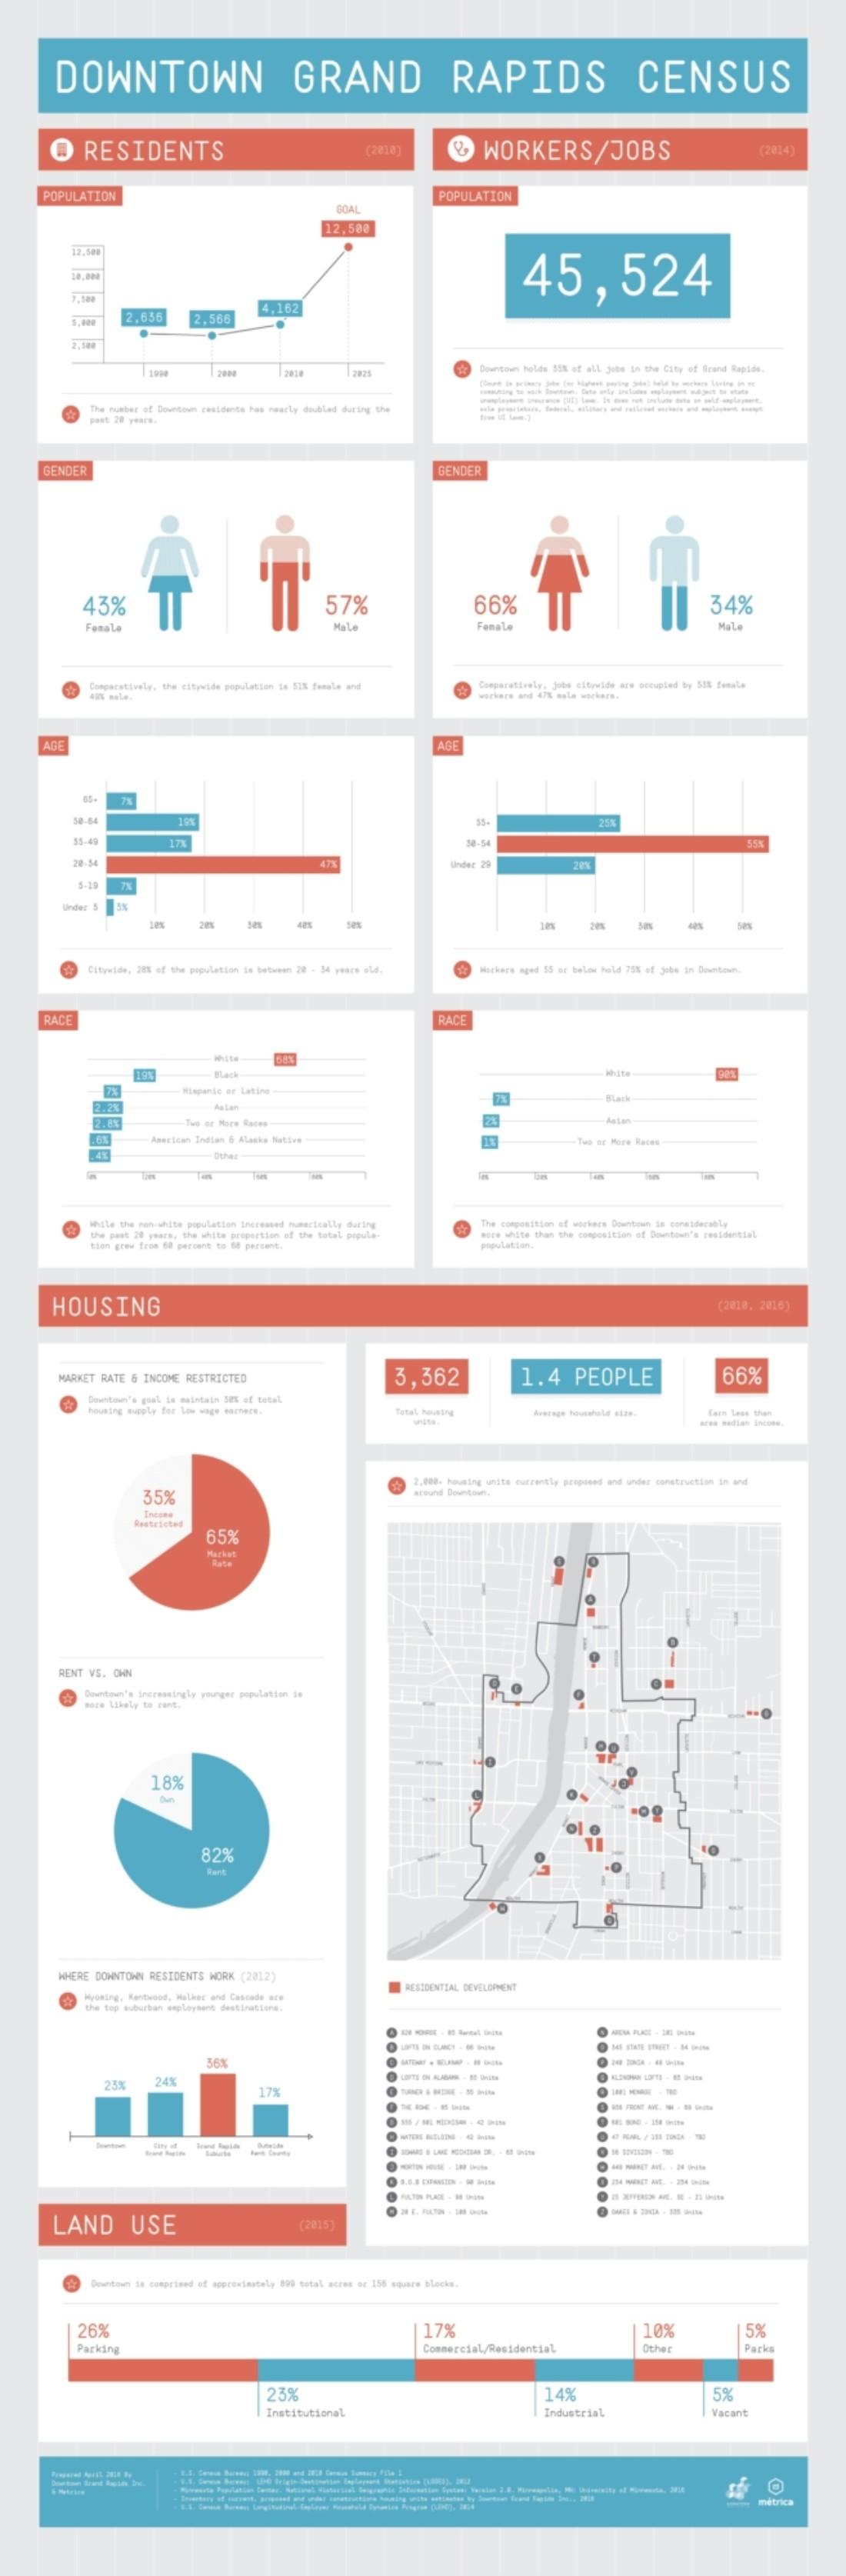 Census-April-2016.jpg